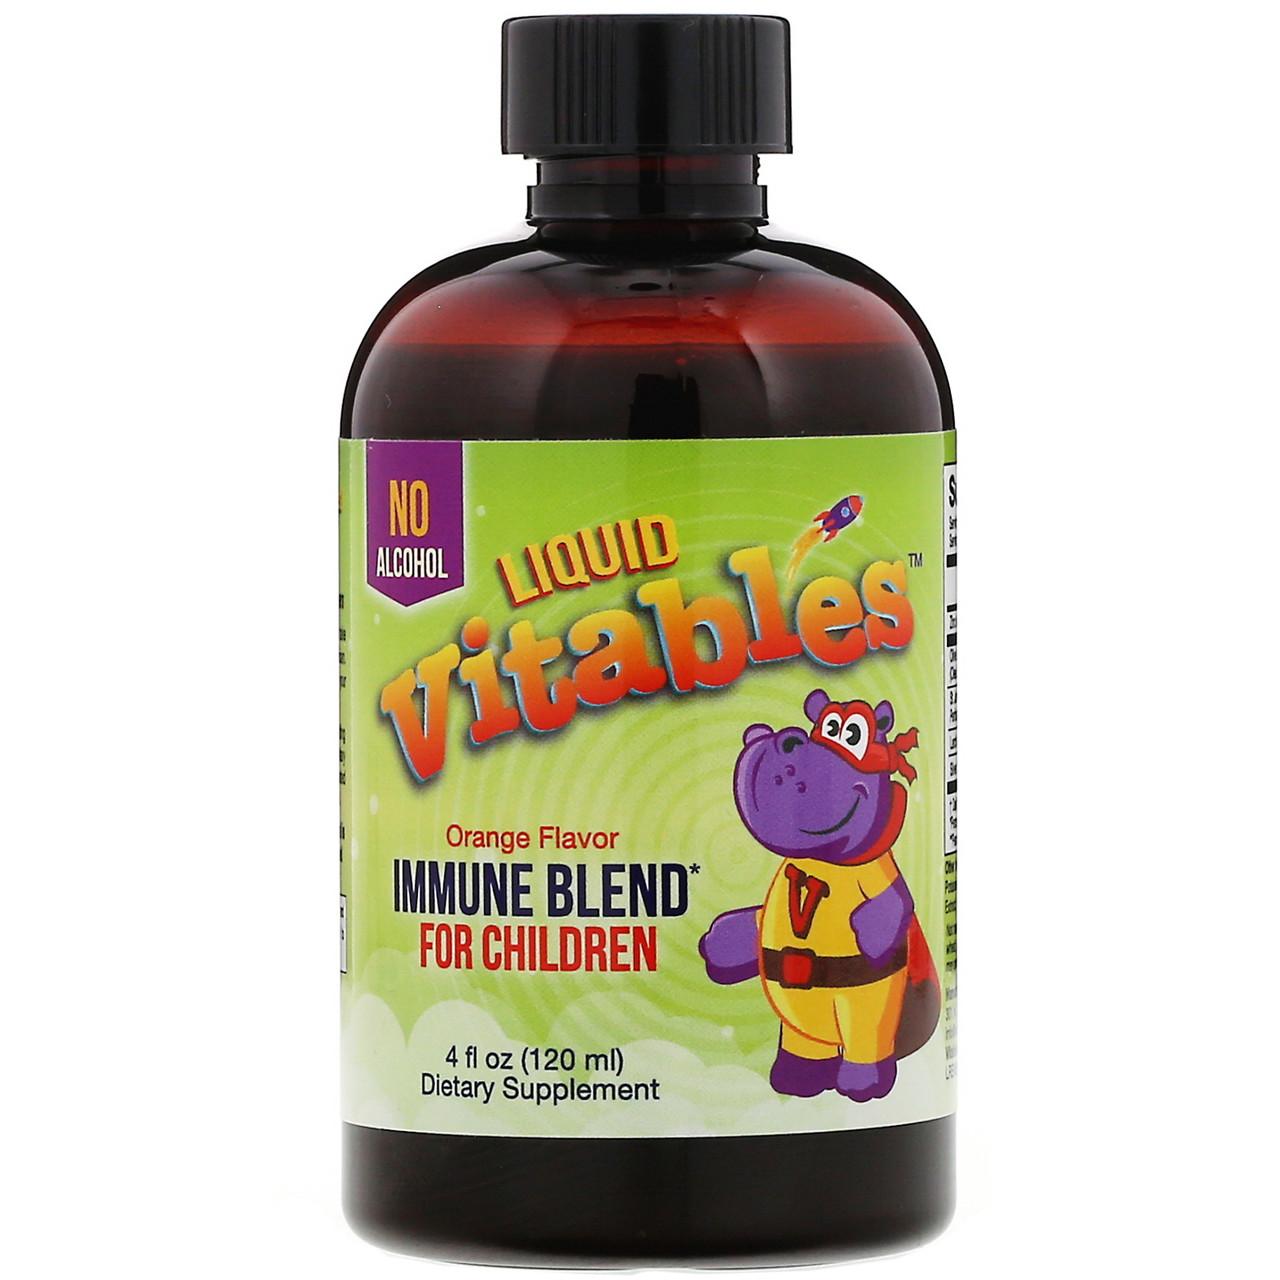 Детская жидкая добавка для укрепления иммунитета, без спирта, со вкусом апельсина, 120 мл (4 жидк. унции)